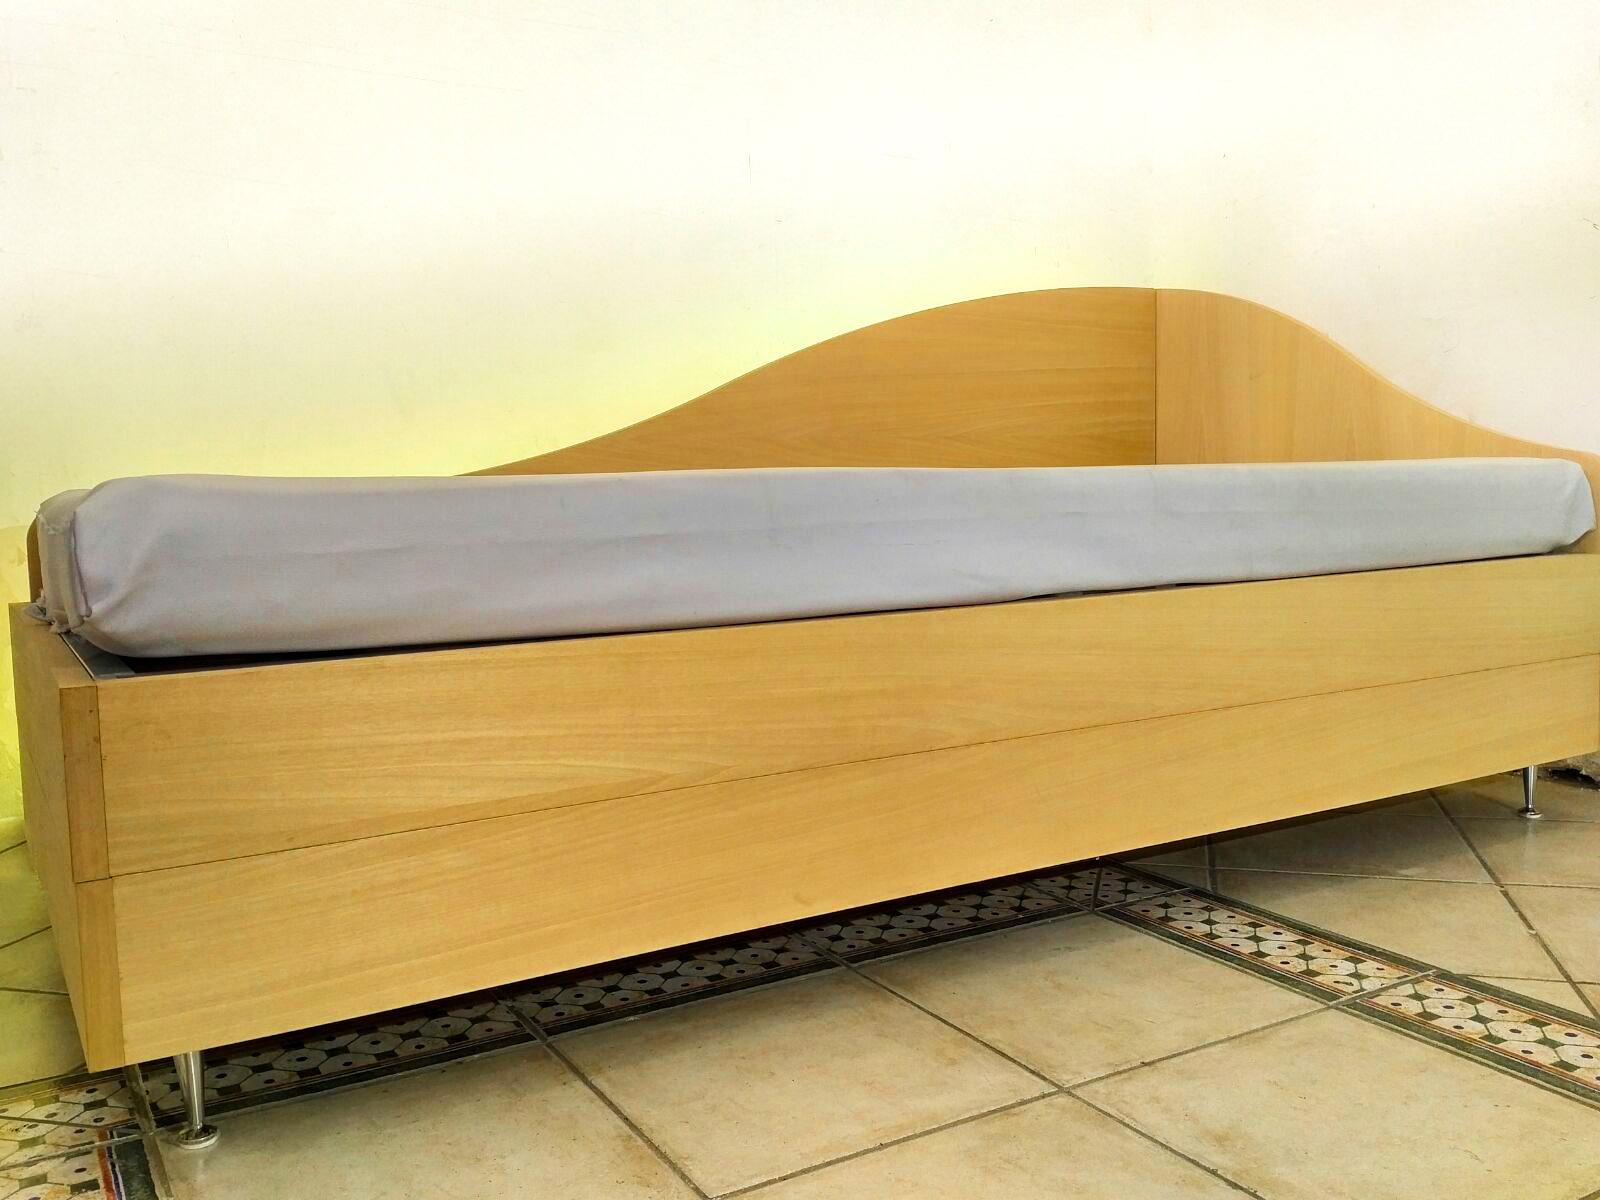 Divano letto a castello new dormeuse bed vivilospazio for Divano letto a castello